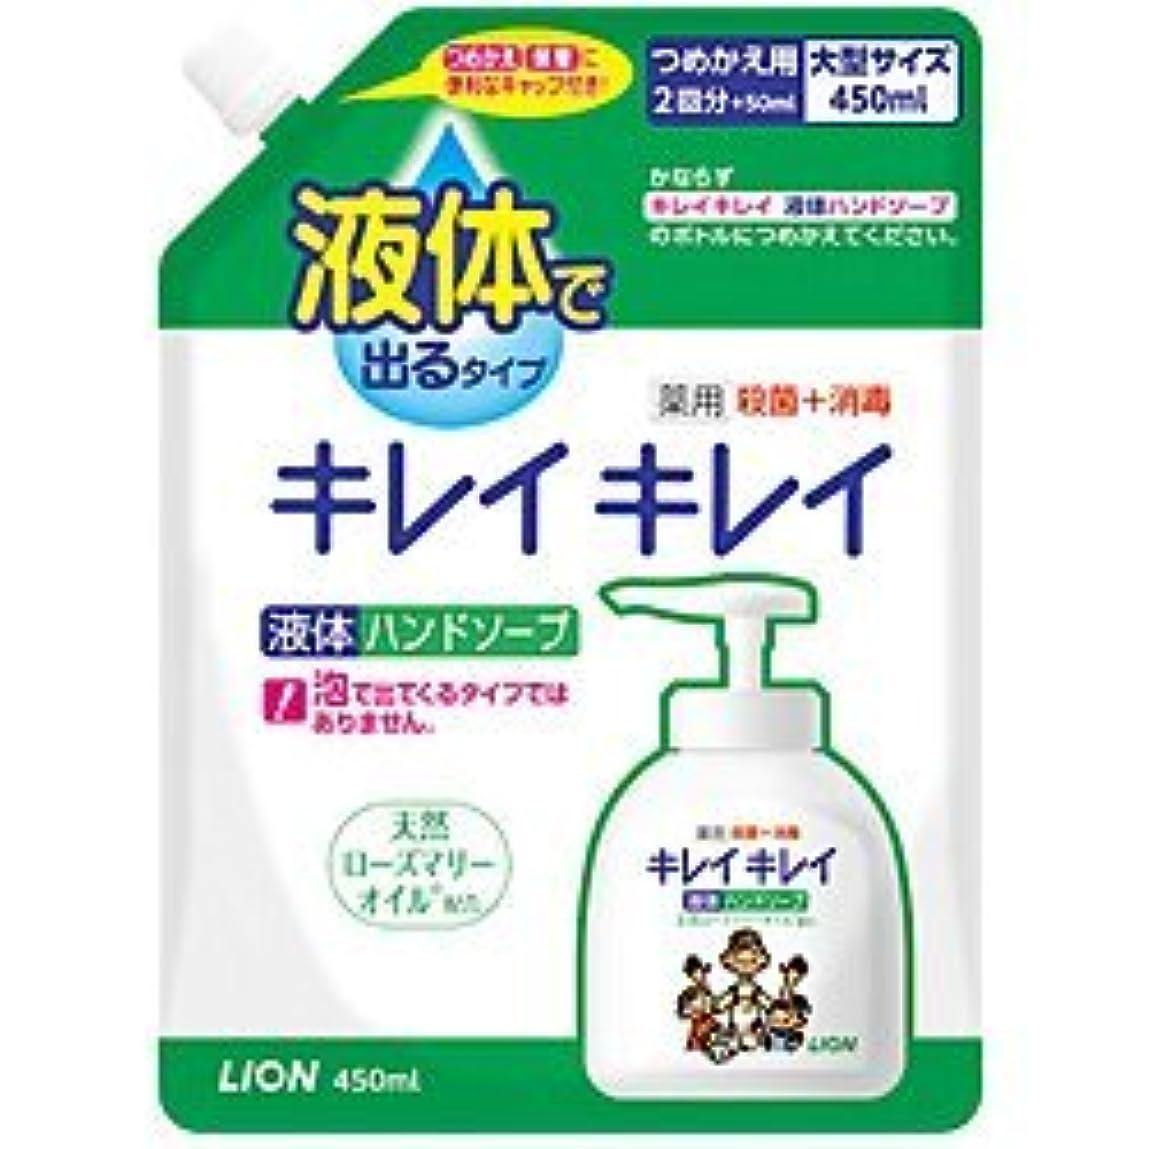 【ライオン】キレイキレイ 薬用ハンドソープ  詰替え用大型サイズ 450ml ×7個セット